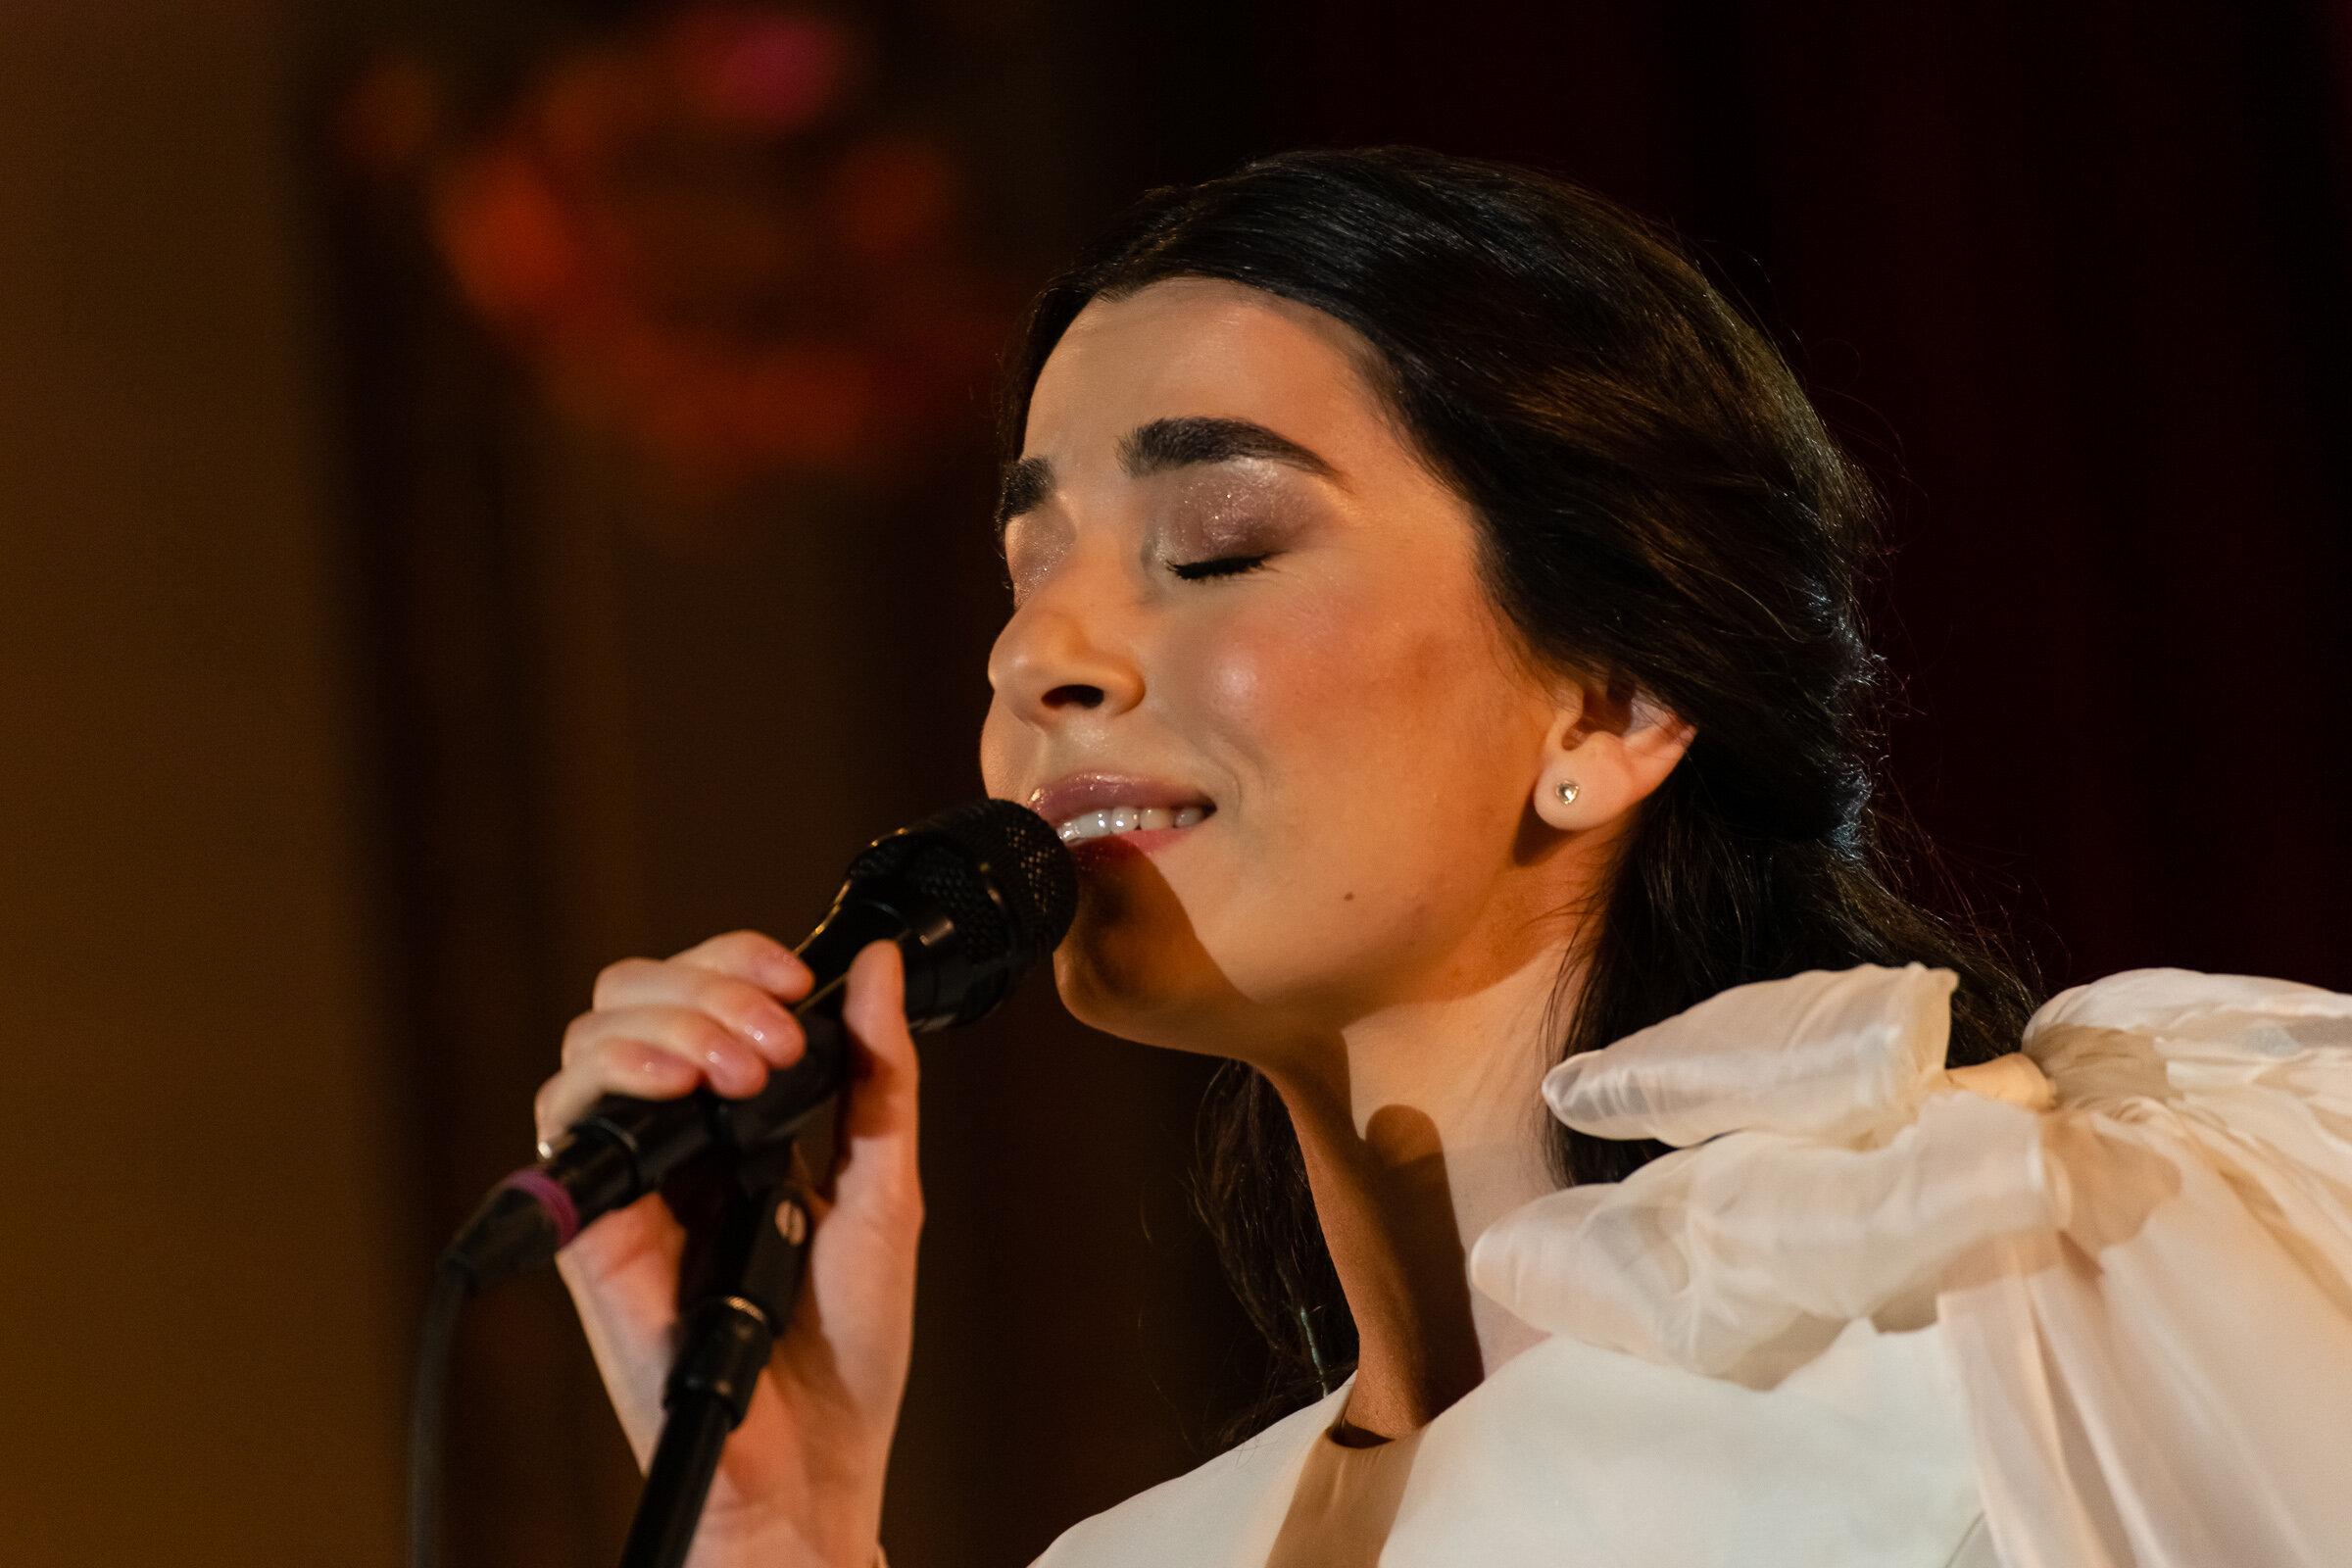 Alexandra Ușurelu_Hope Concert 2019_Foto Mihnea Ciulei.jpg